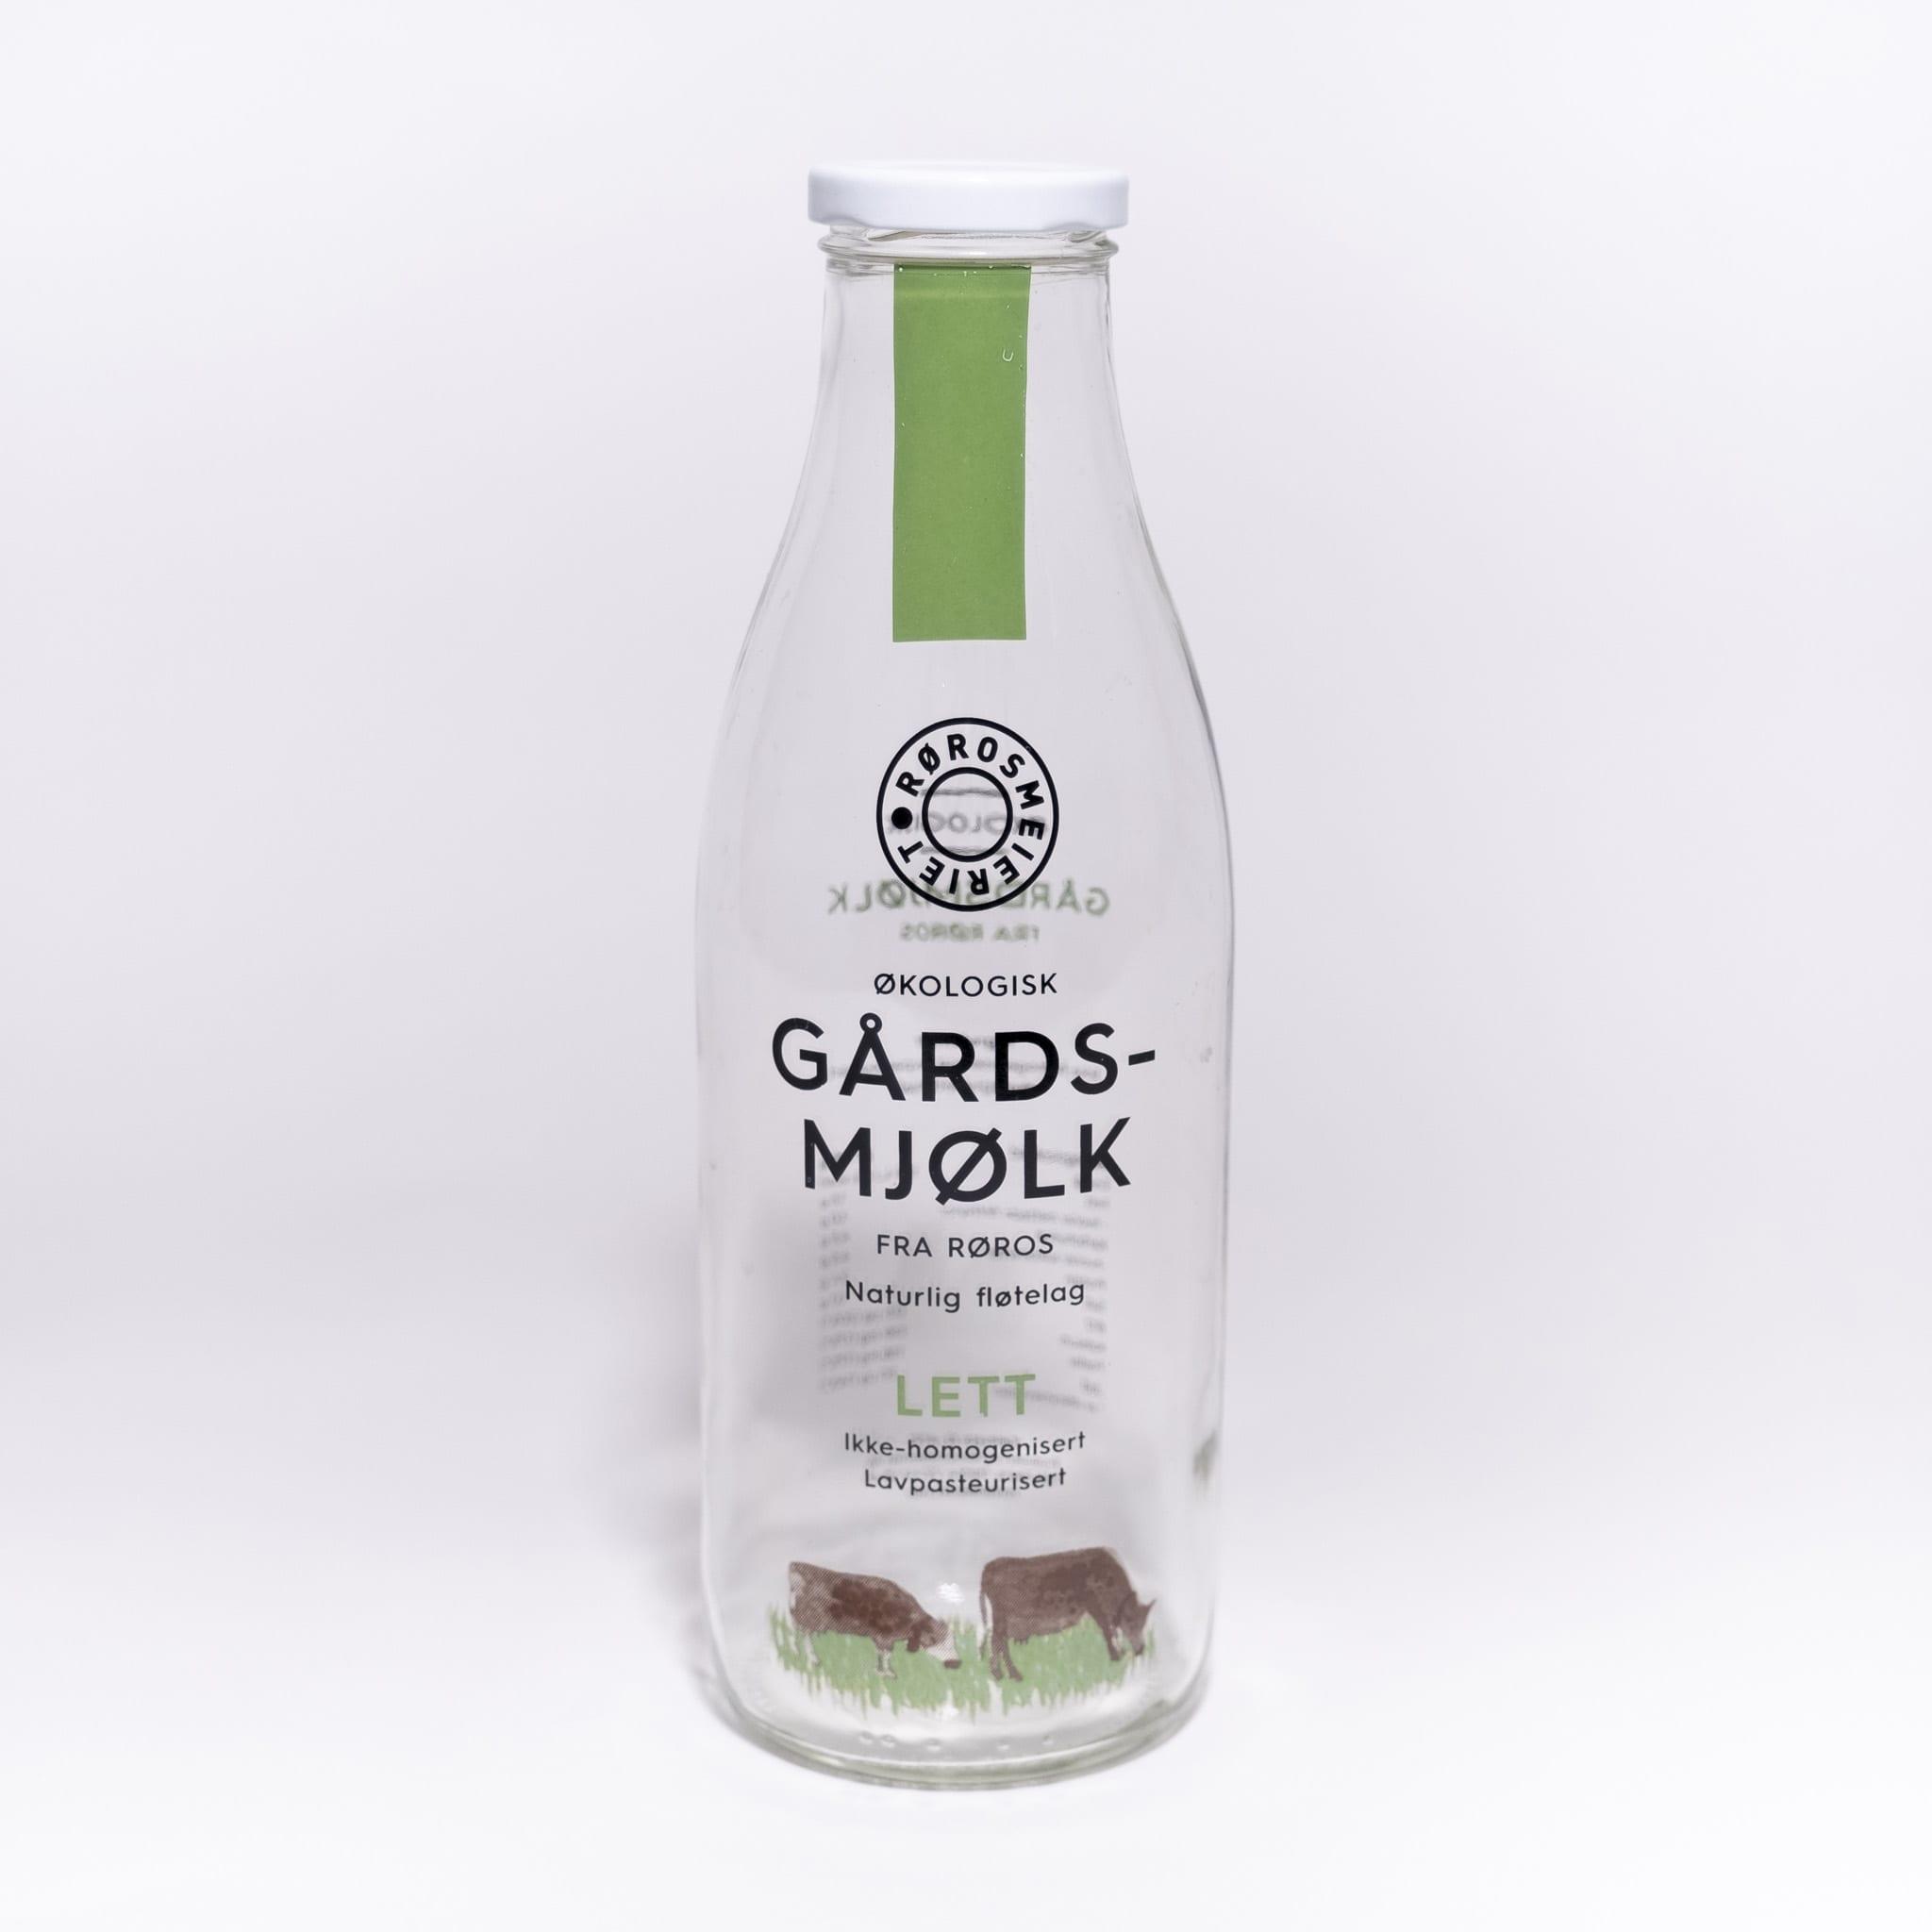 Glassflaske Gårdsmjølk